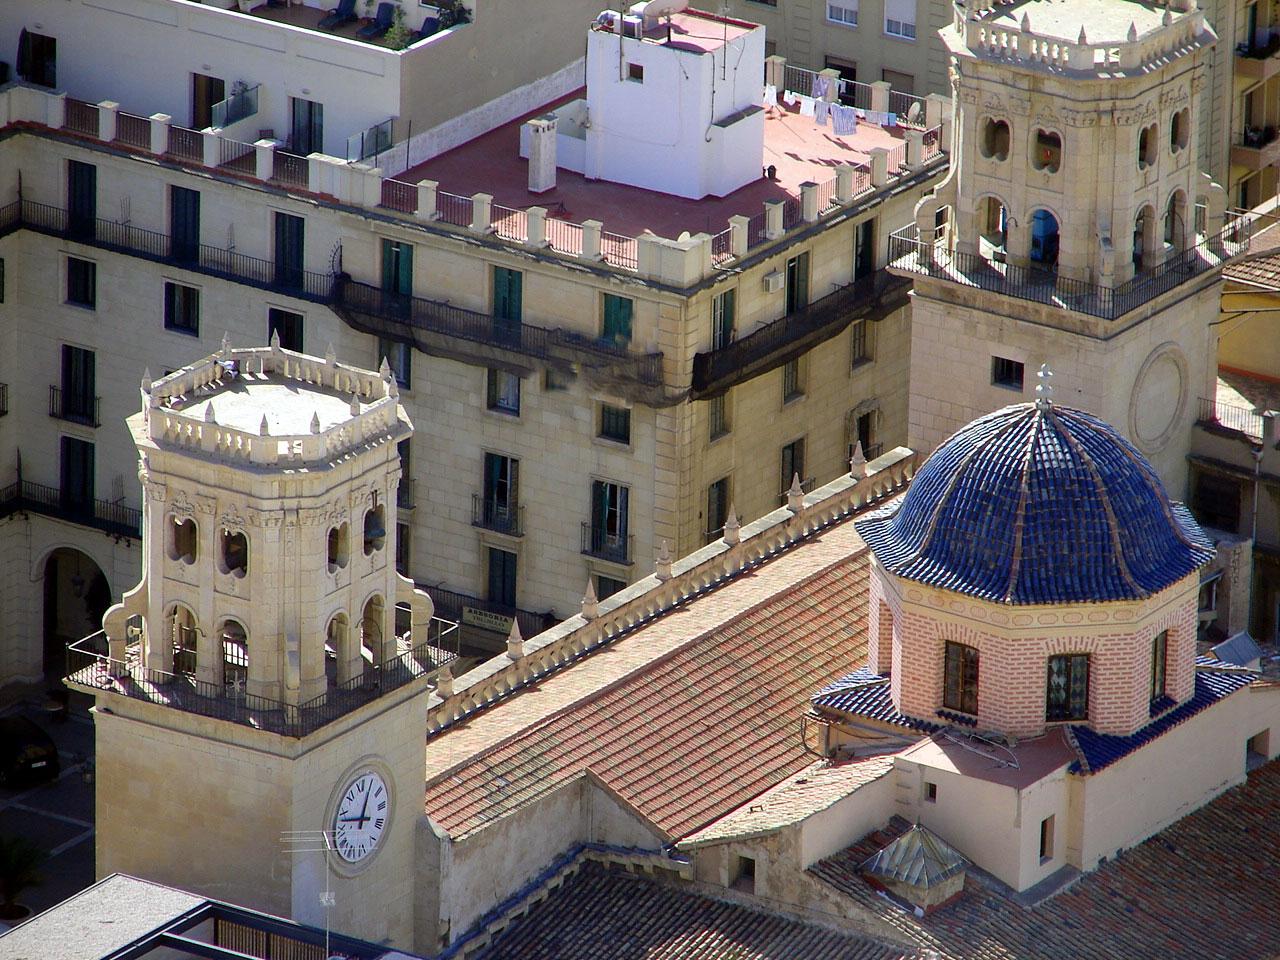 Schöne Städte Costa Blanca, Alicante Rathaus